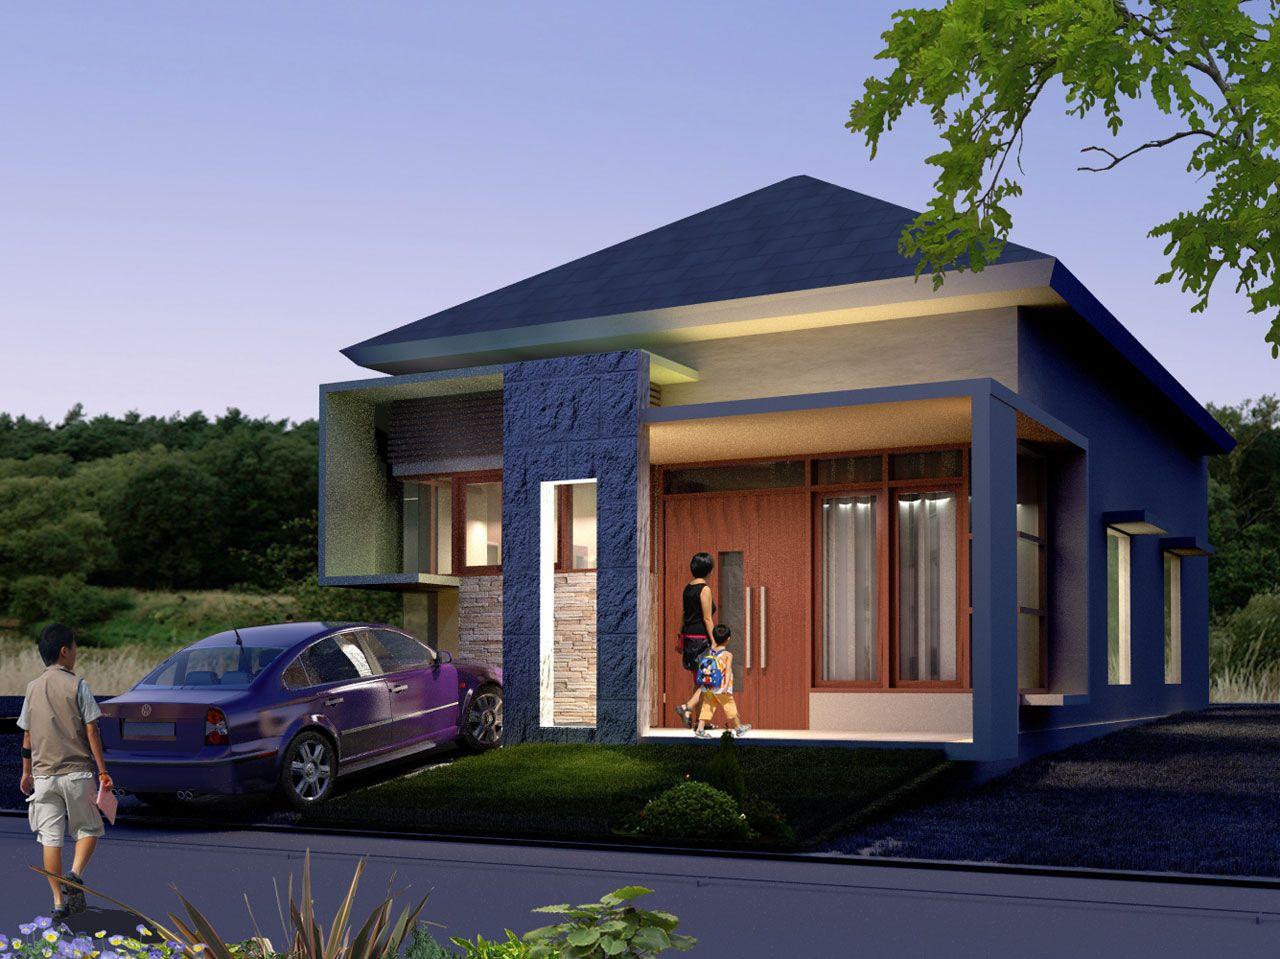 Langkah Desain Rumah Idaman Minimalis Terbaru 2015 - ://.rumahidealis. & Langkah Desain Rumah Idaman Minimalis Terbaru 2015 - http://www ...